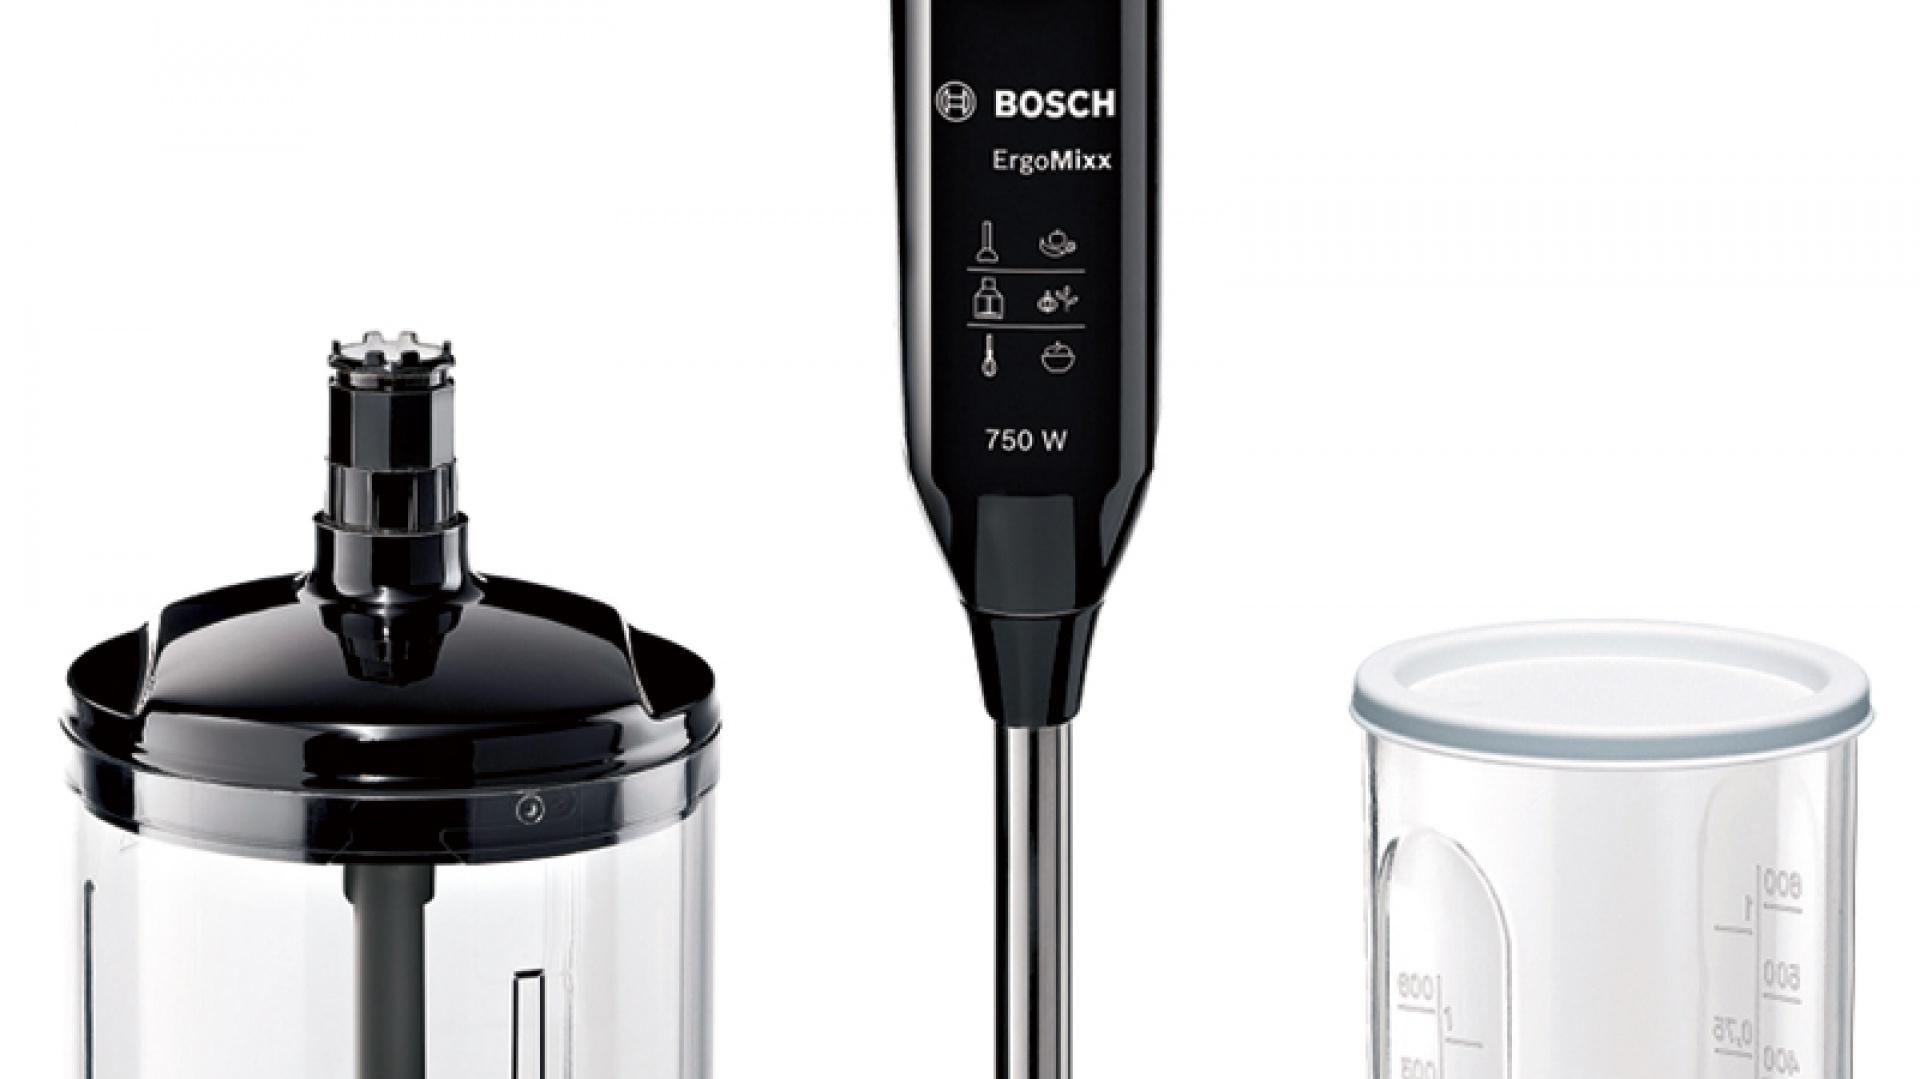 Blender ErgoMixx MSM67140 wykonany z najwyższą dbałością o komfort użytkowania sprawia, że przygotowywanie posiłków staje się nie tylko szybkie, ale również wyjątkowo wygodne. Cena: ok. 209 zł, Bosch.